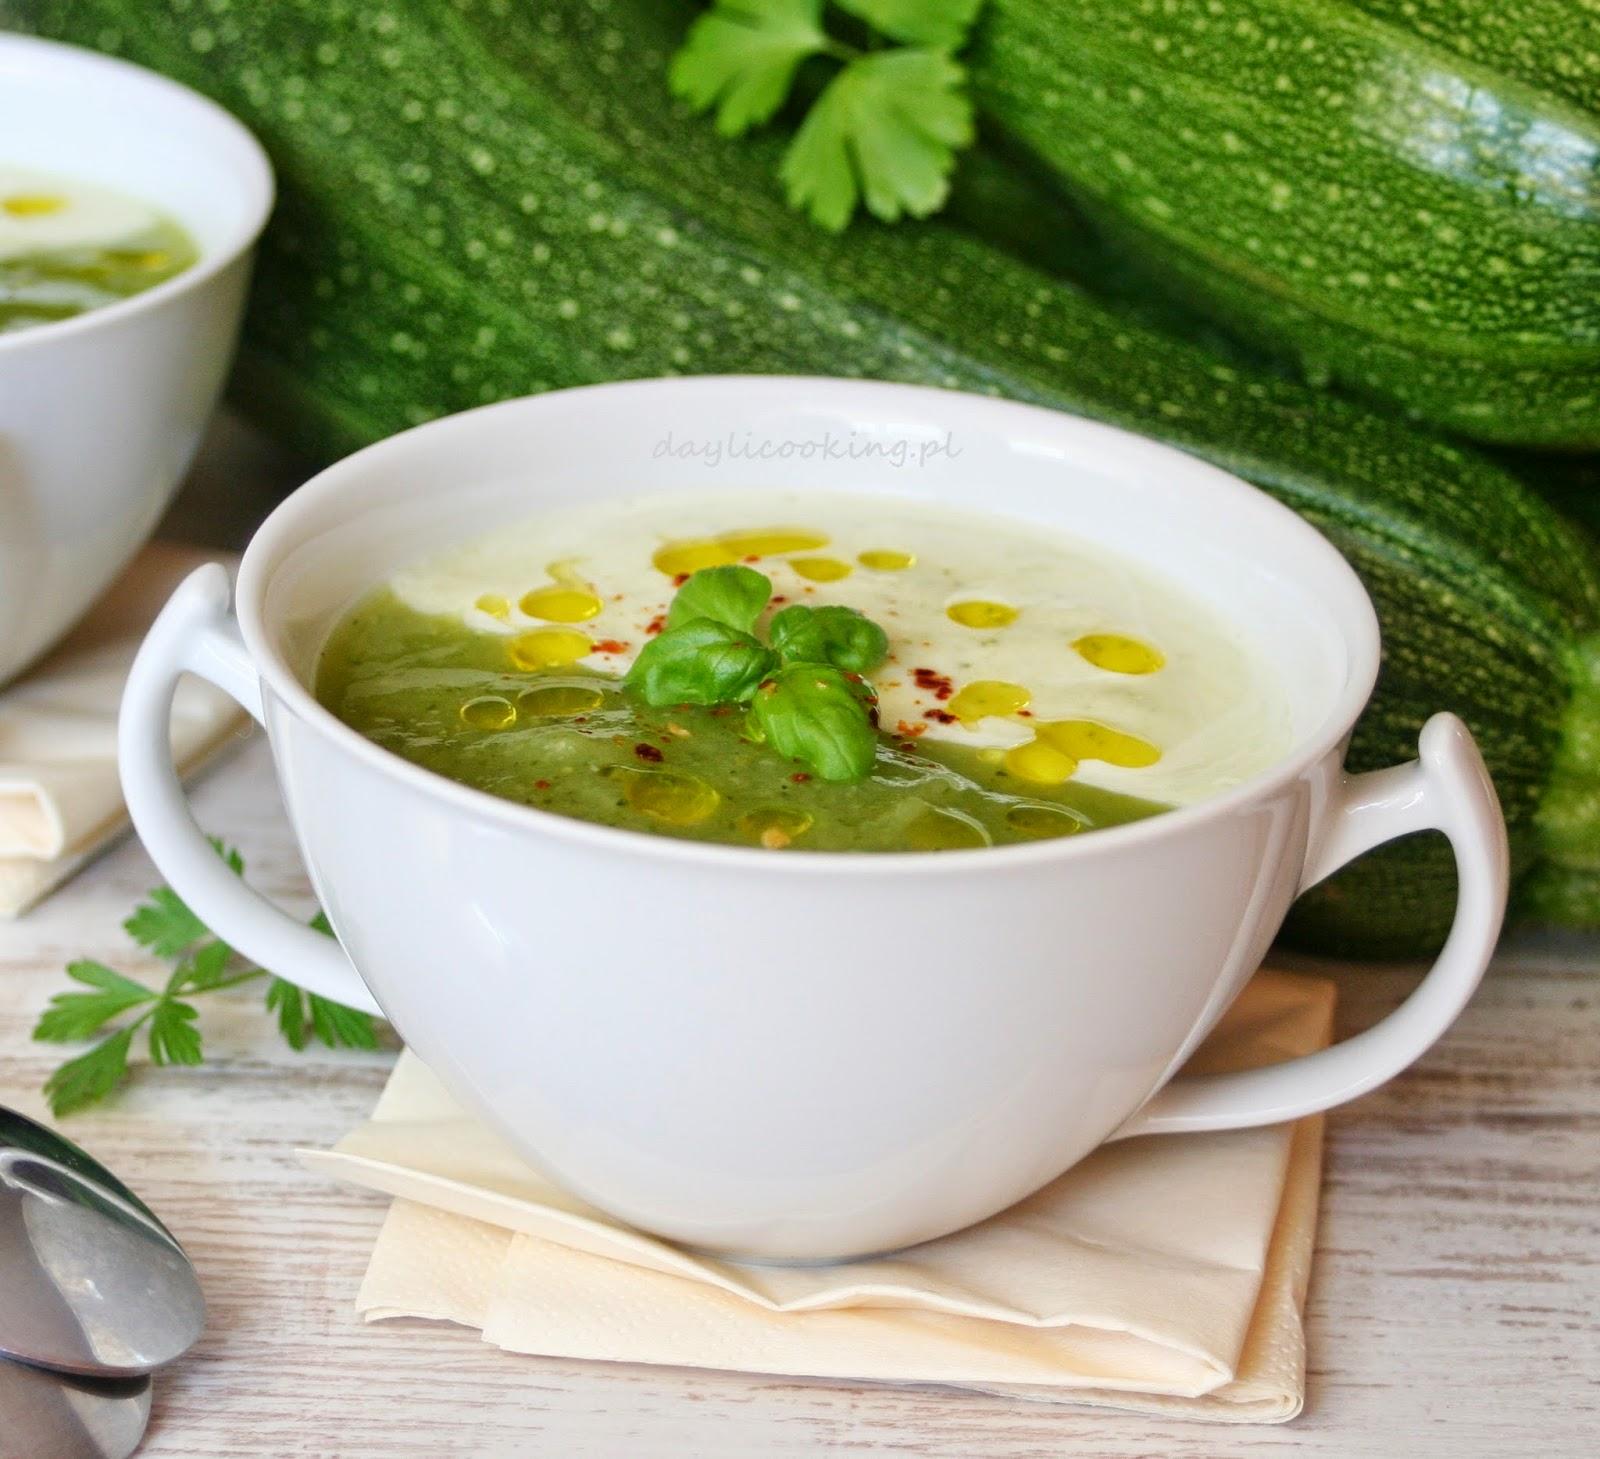 zupa na lato, letnie danie, cukinia na szybko, najlepszy przepis na krem z cukinii, daylicooking